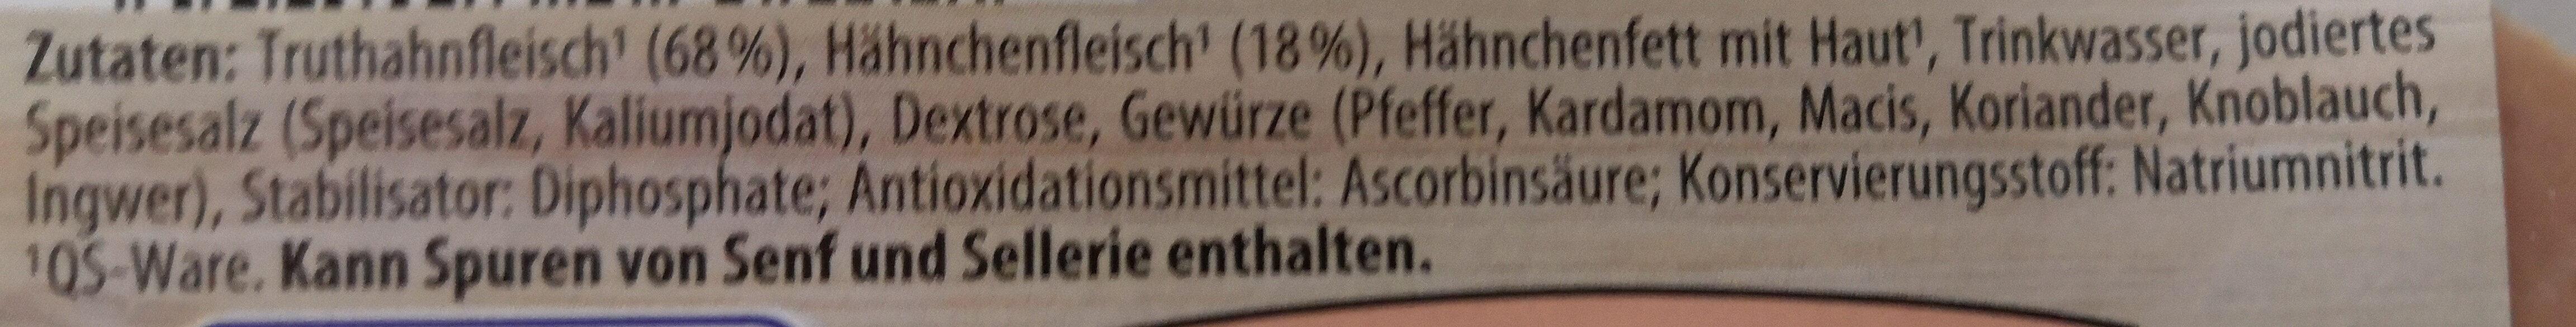 Delikatess Schinkenwurst aus Geflügelfleisch - Ingrédients - de